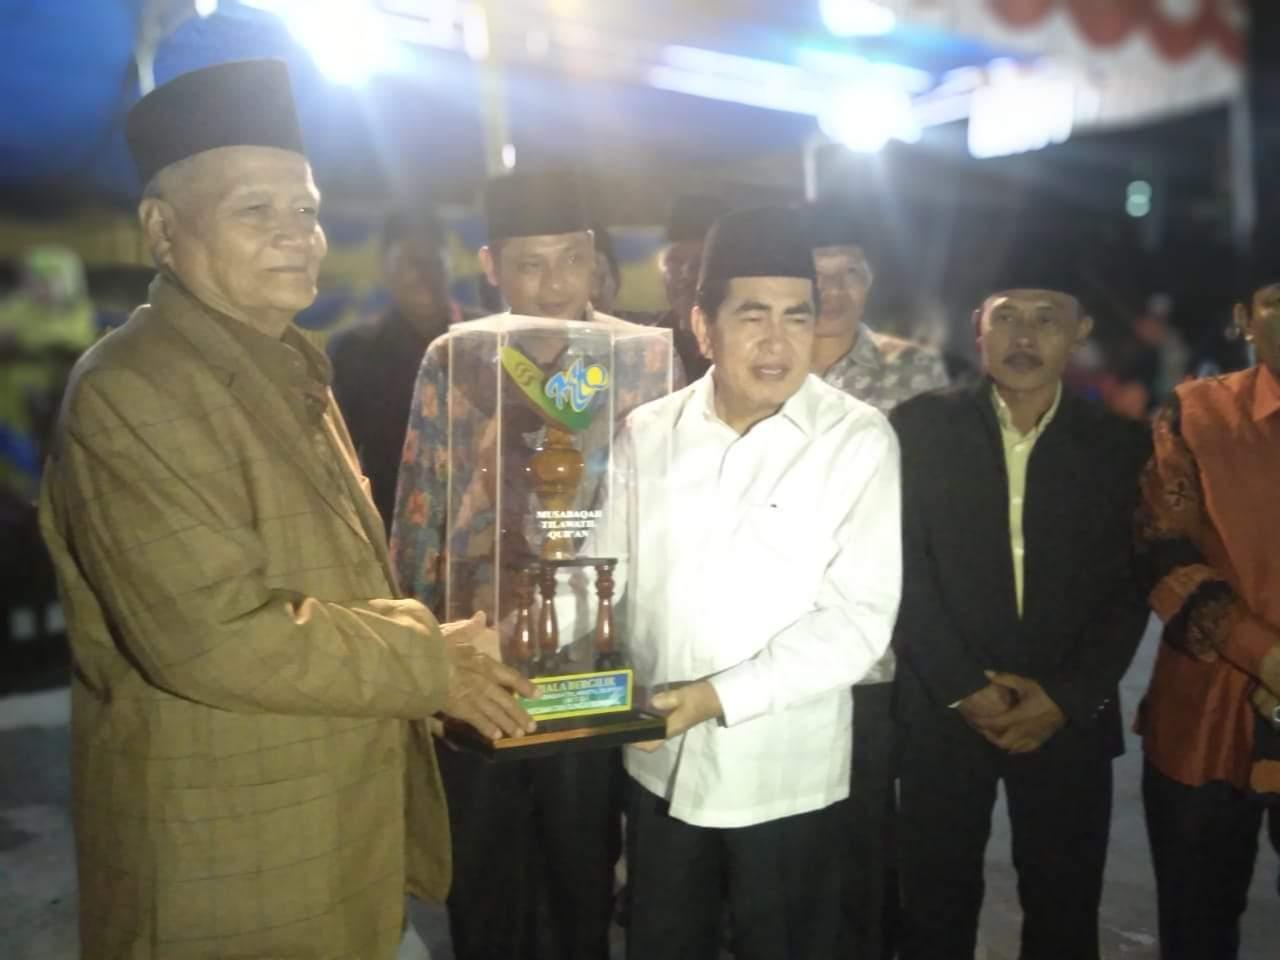 Walikota Sungai Penuh H. Asafri Jaya Bakri (AJB) menyerahkan hadiah saat penutupan, Rabu (04/9/2019) secara resmi menutup Musawaqoh Tilawatil Qur'an (MTQ) ke VII Tingkat Kecamatan Sungai Bungkal, Kota Sungai Penuh